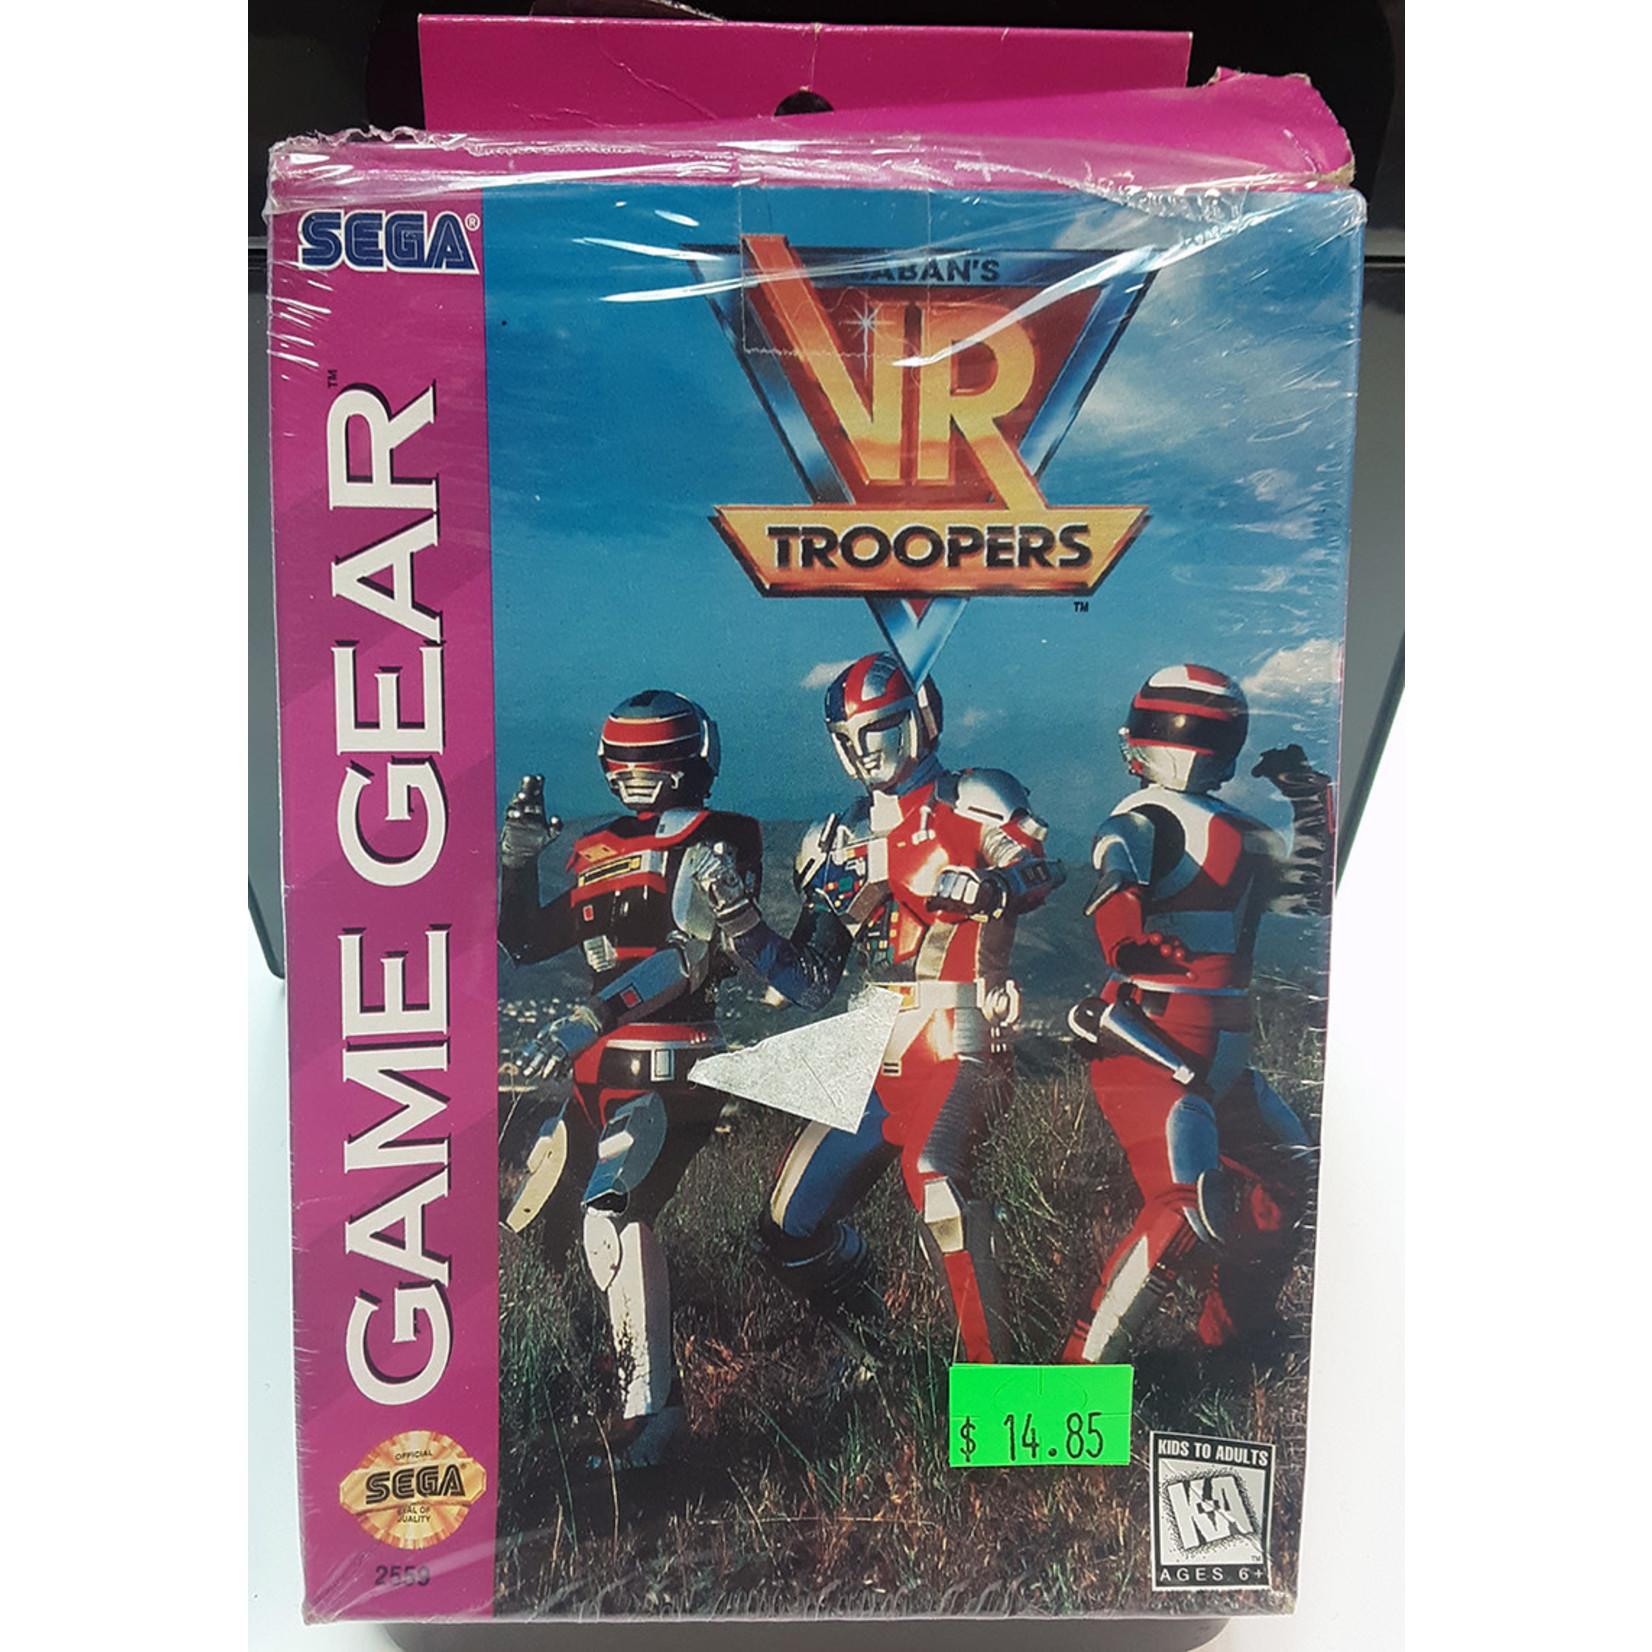 GGu-VR Troopers (in box)